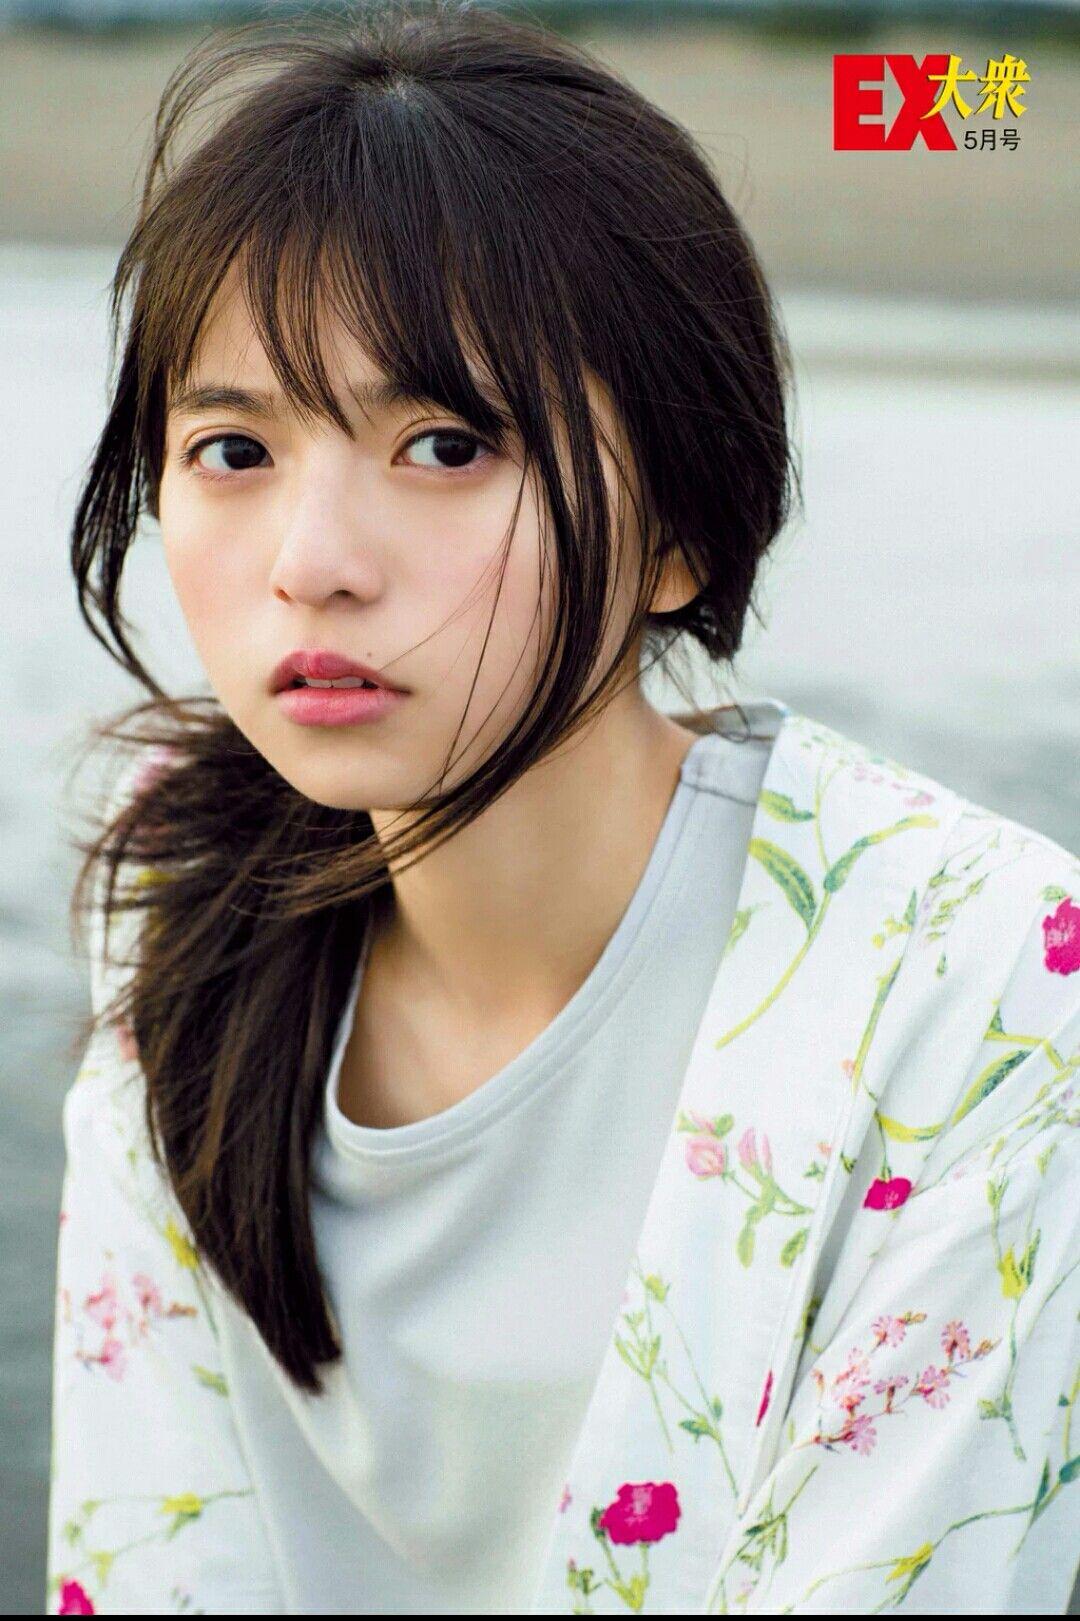 乃木坂46 齋藤飛鳥 Nogizaka46 Saito Asuka 齋藤飛鳥 Saito Asuka